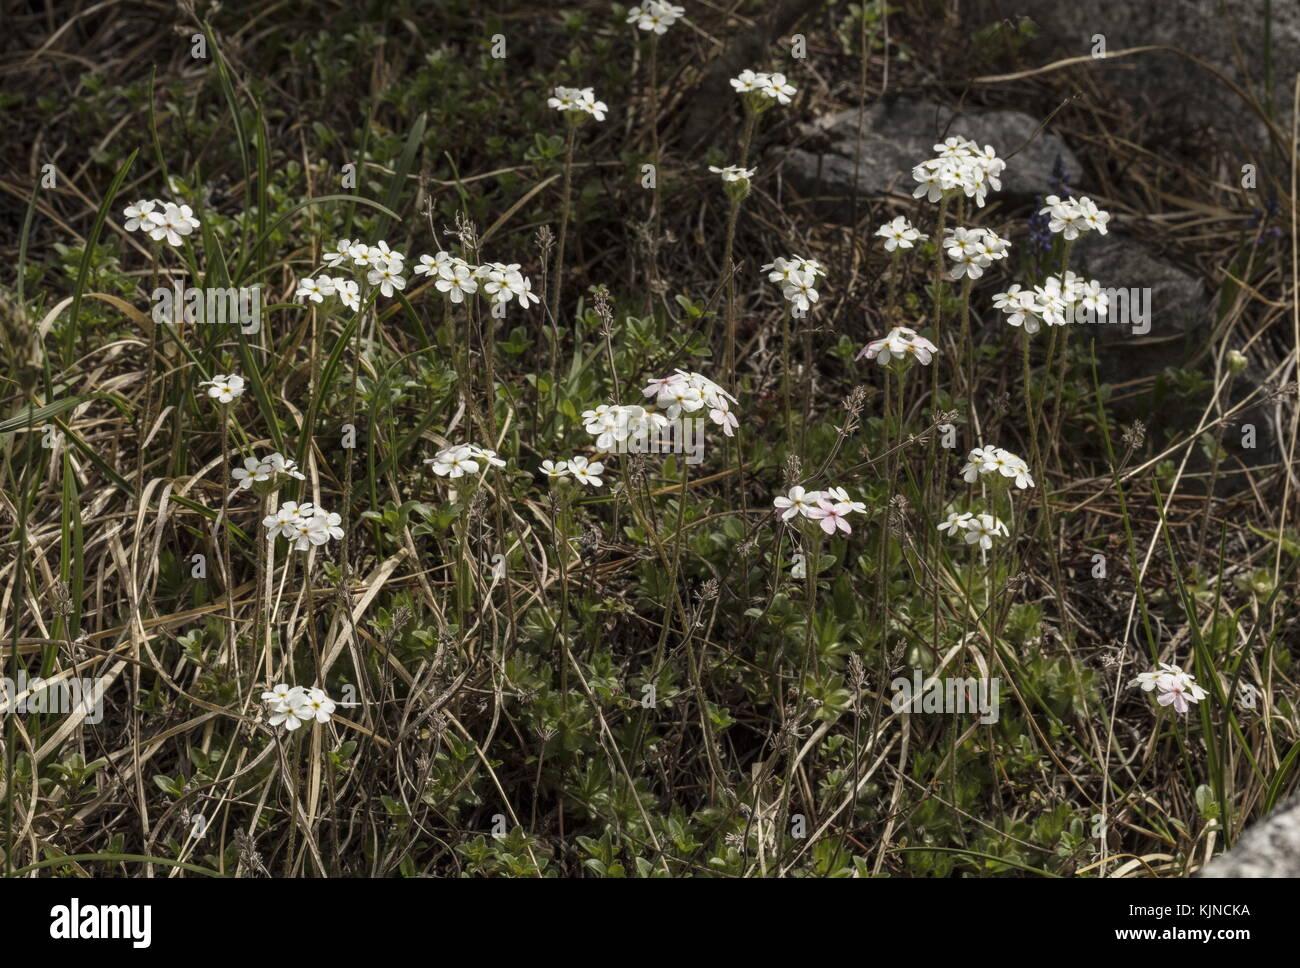 Ciliato rock-gelsomino, androsace chamaejasme, in fiore sul calcare nelle alpi svizzere. Foto Stock